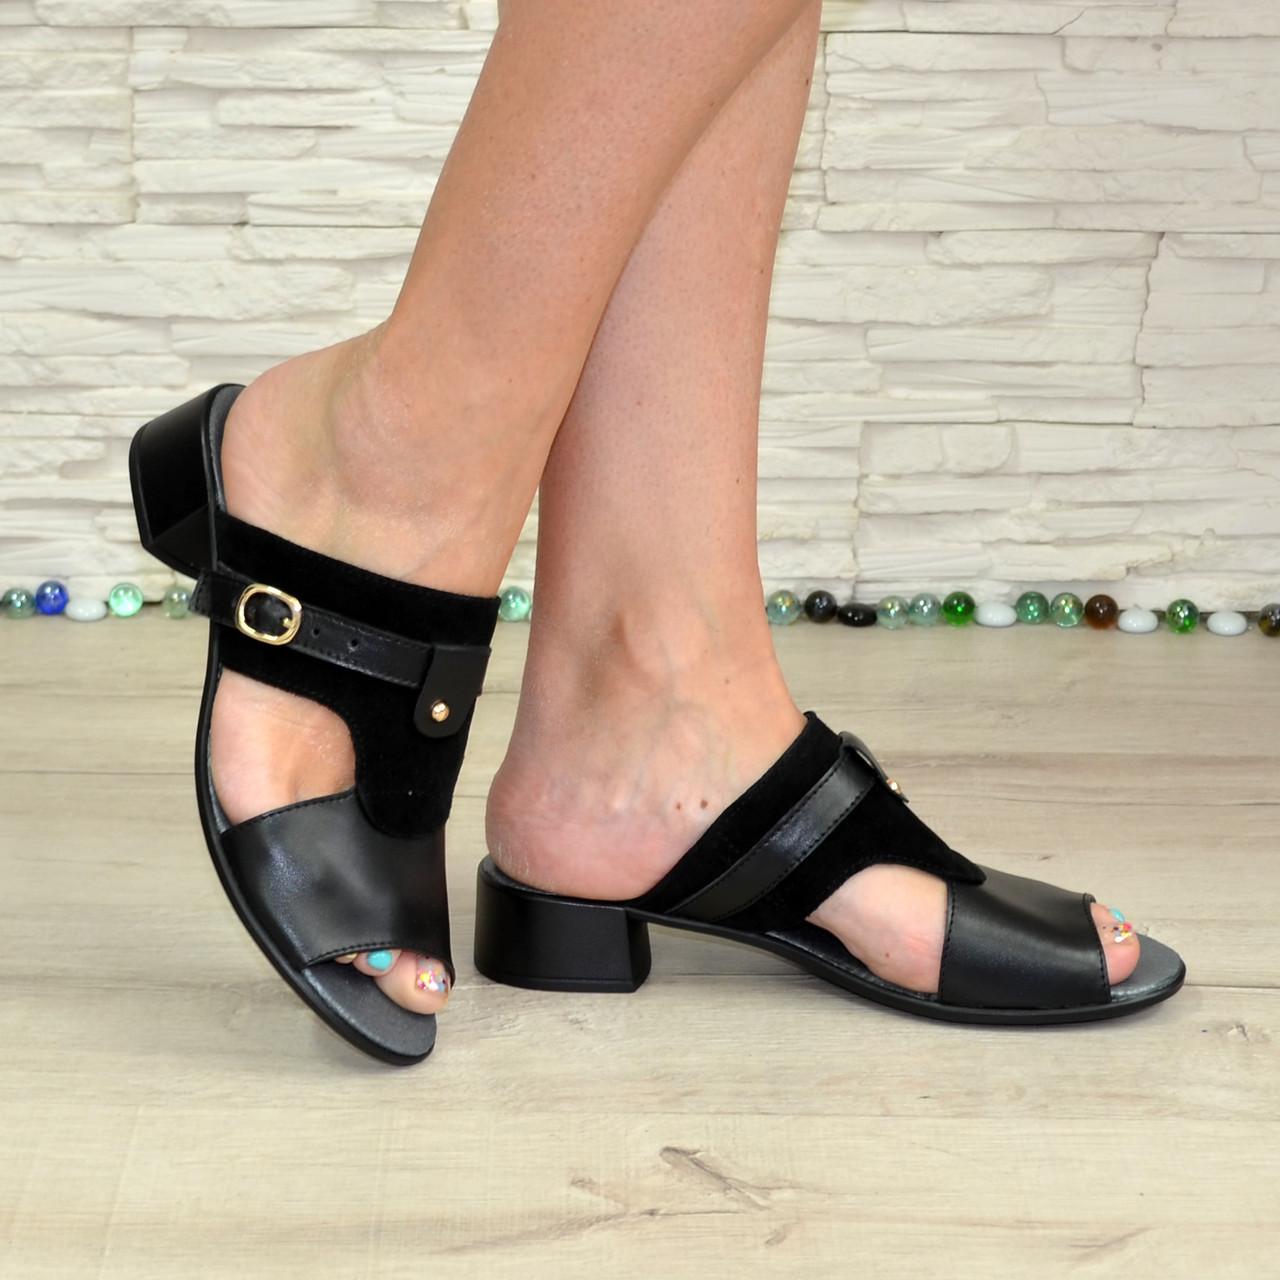 Женские кожаные черные шлепанцы на невысоком каблуке. В наличии 36 размер